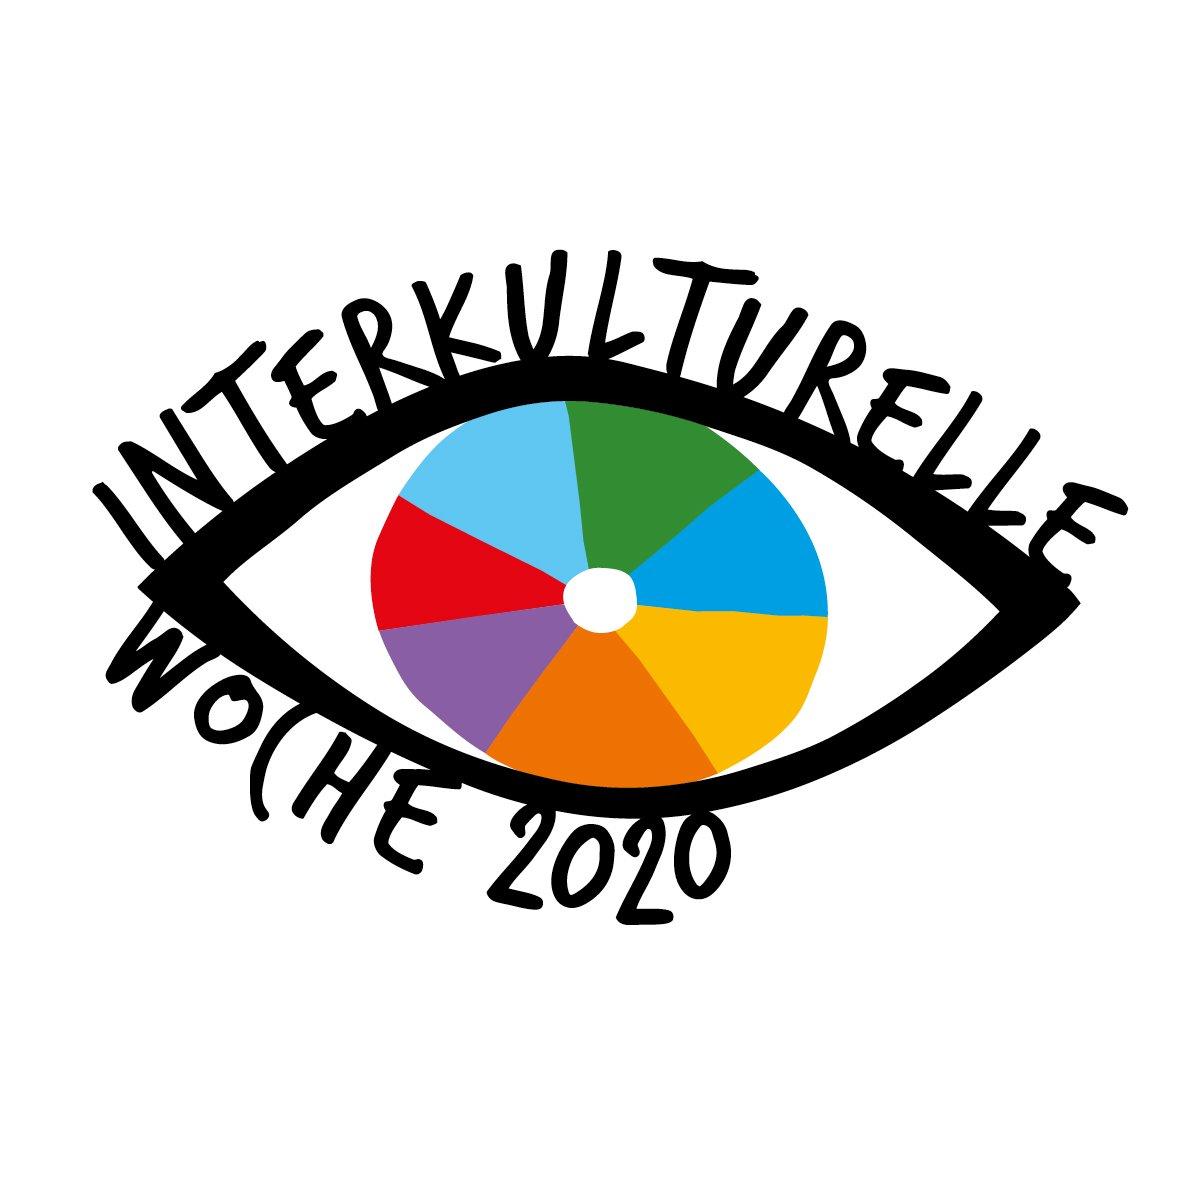 Interkulturelle Woche Auge